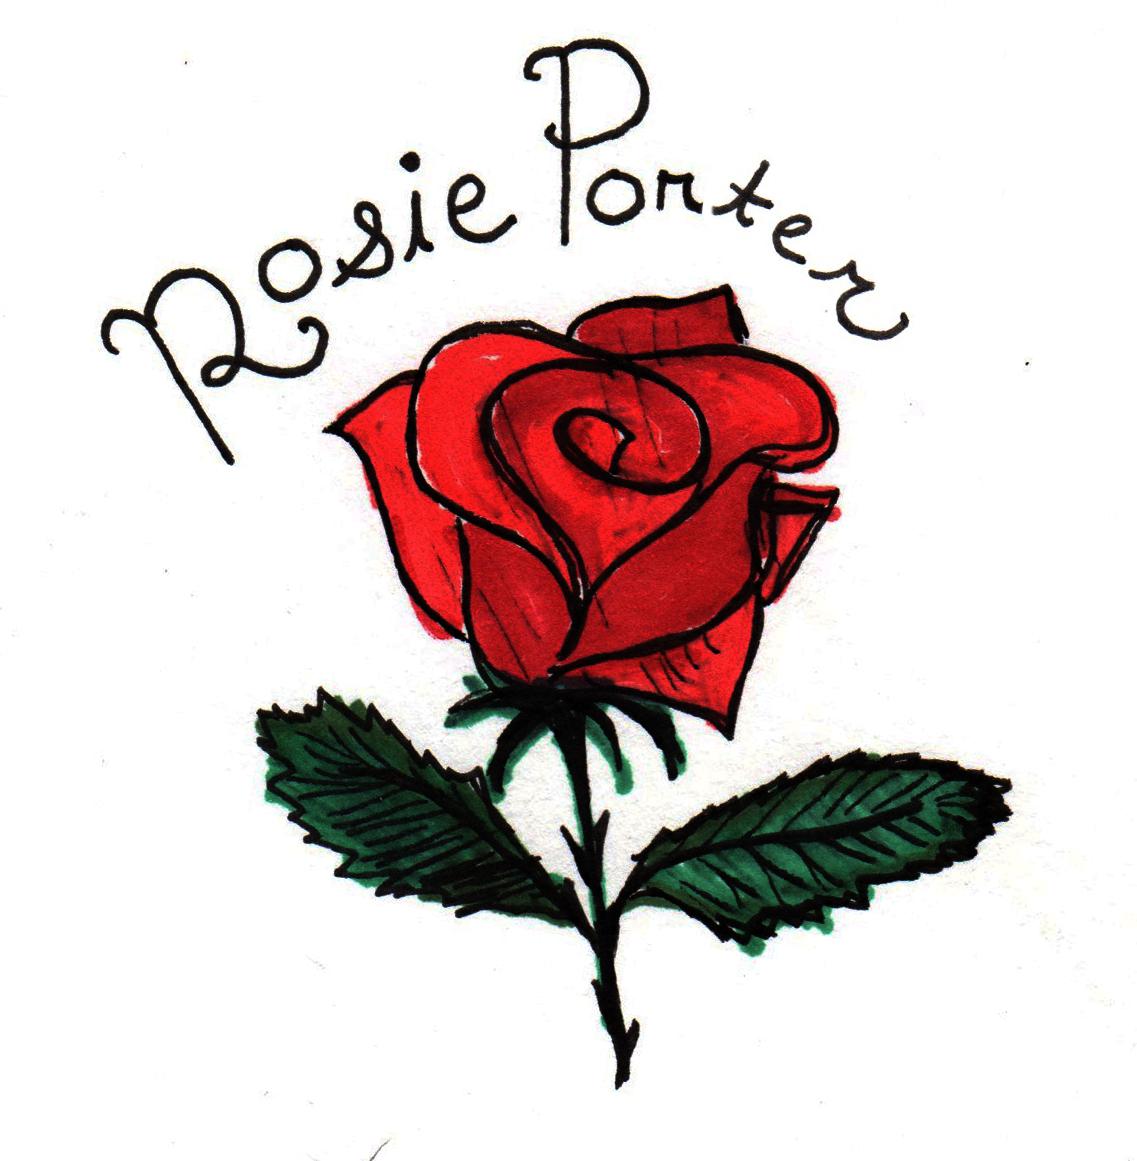 Rosie Porter